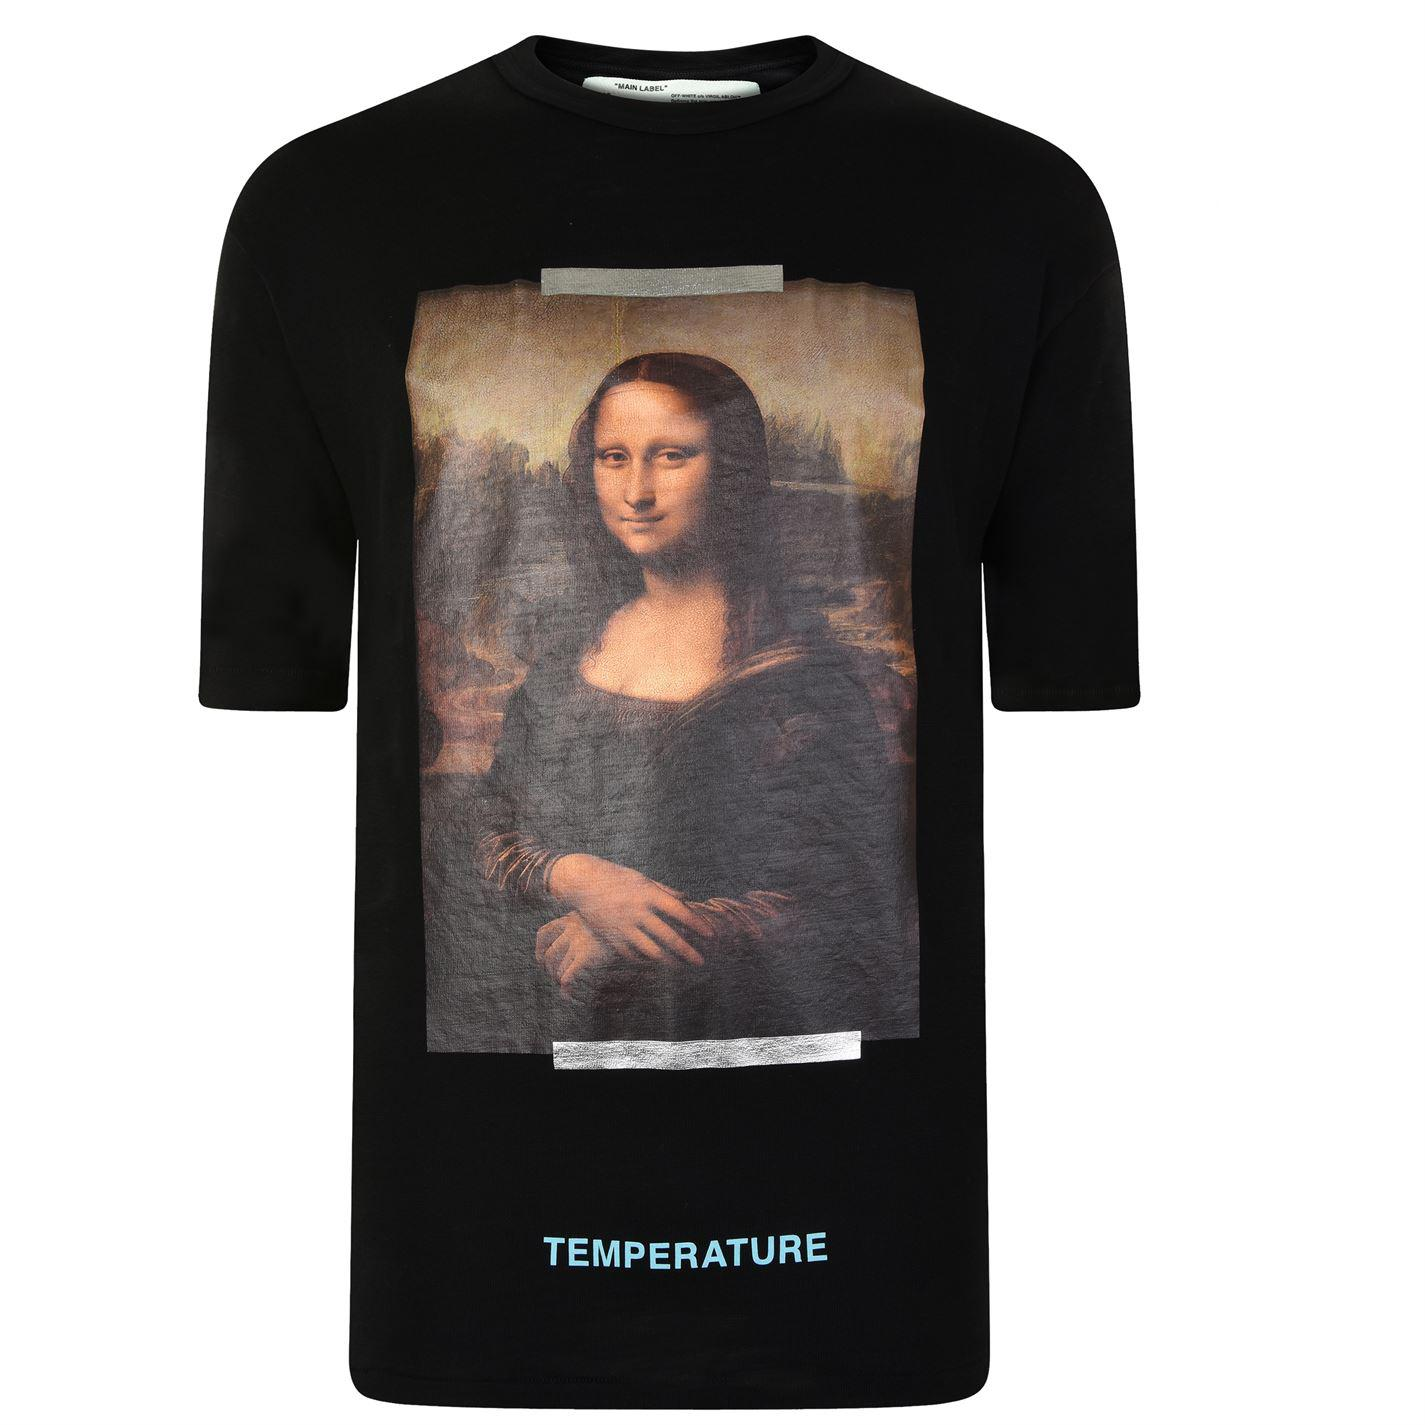 b25985c5 Lyst - Off-White c/o Virgil Abloh Mona Lisa T Shirt in Black for Men